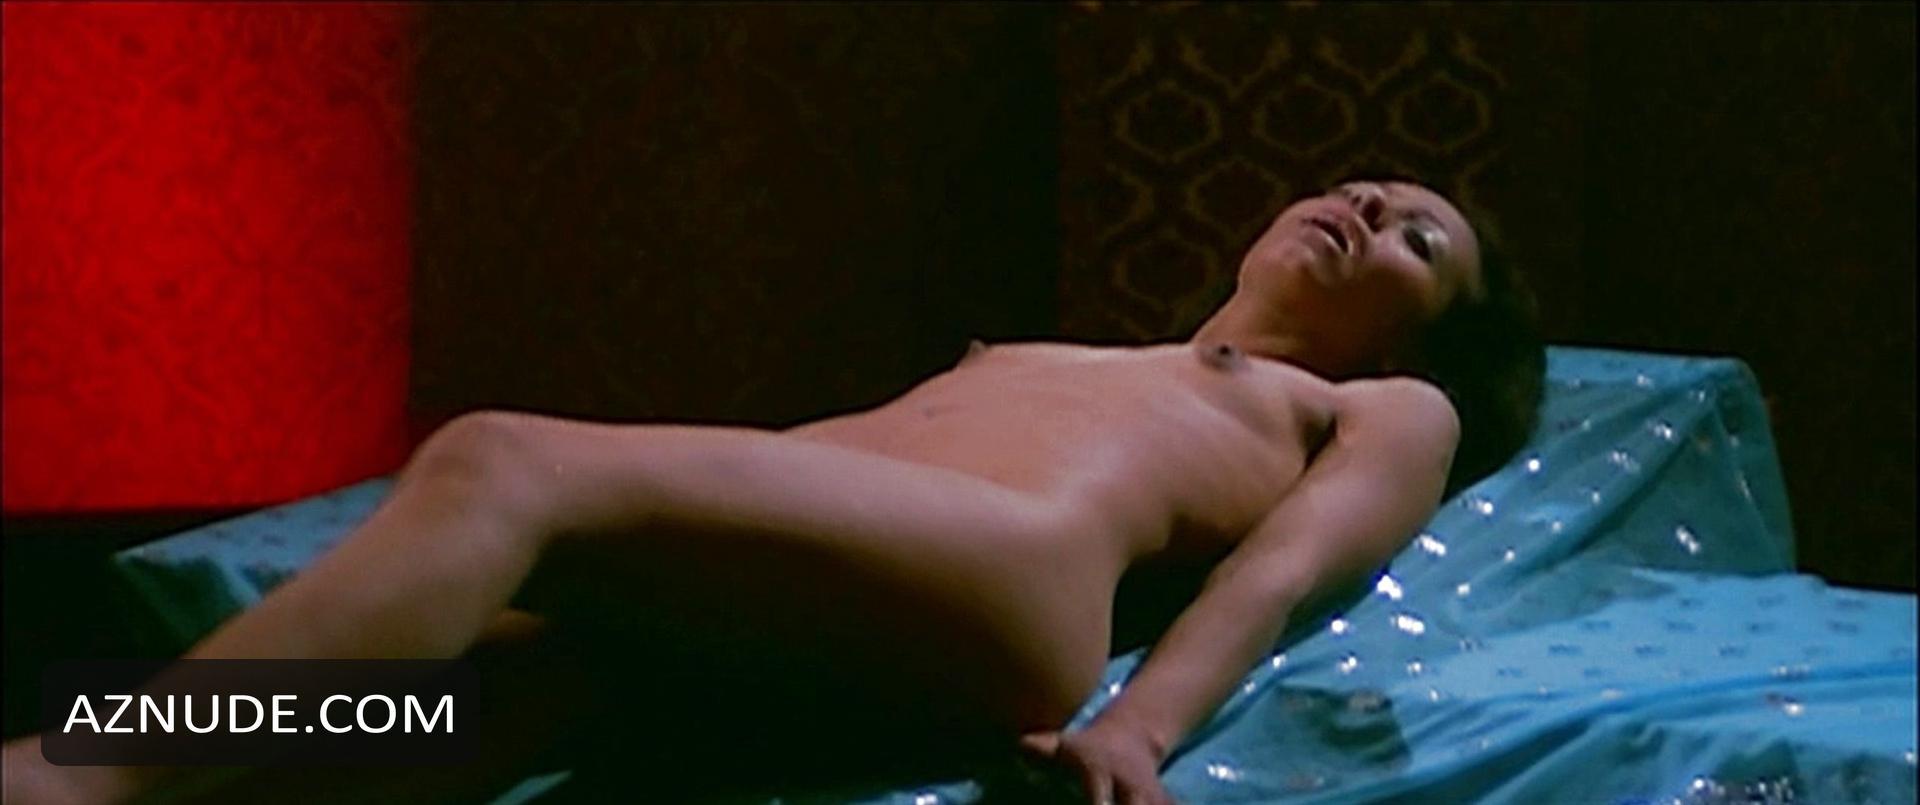 Nude For Satan Nude Scenes - Aznude-3787